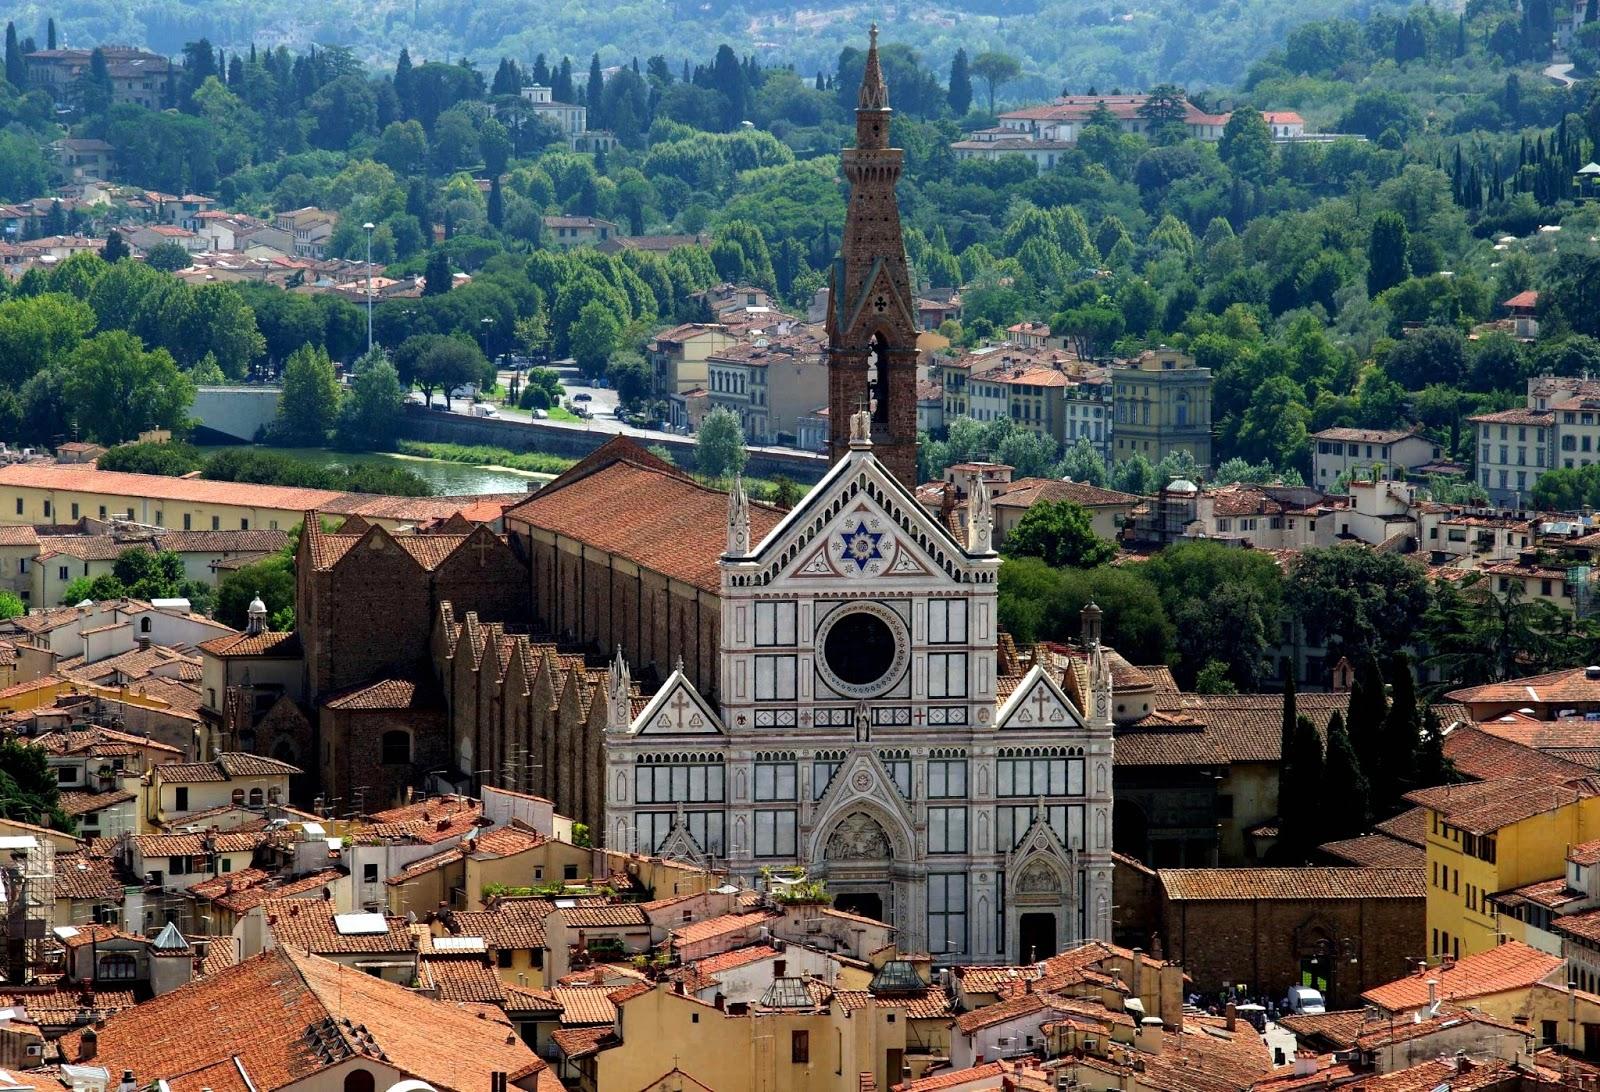 Santa Croce Dall'alto